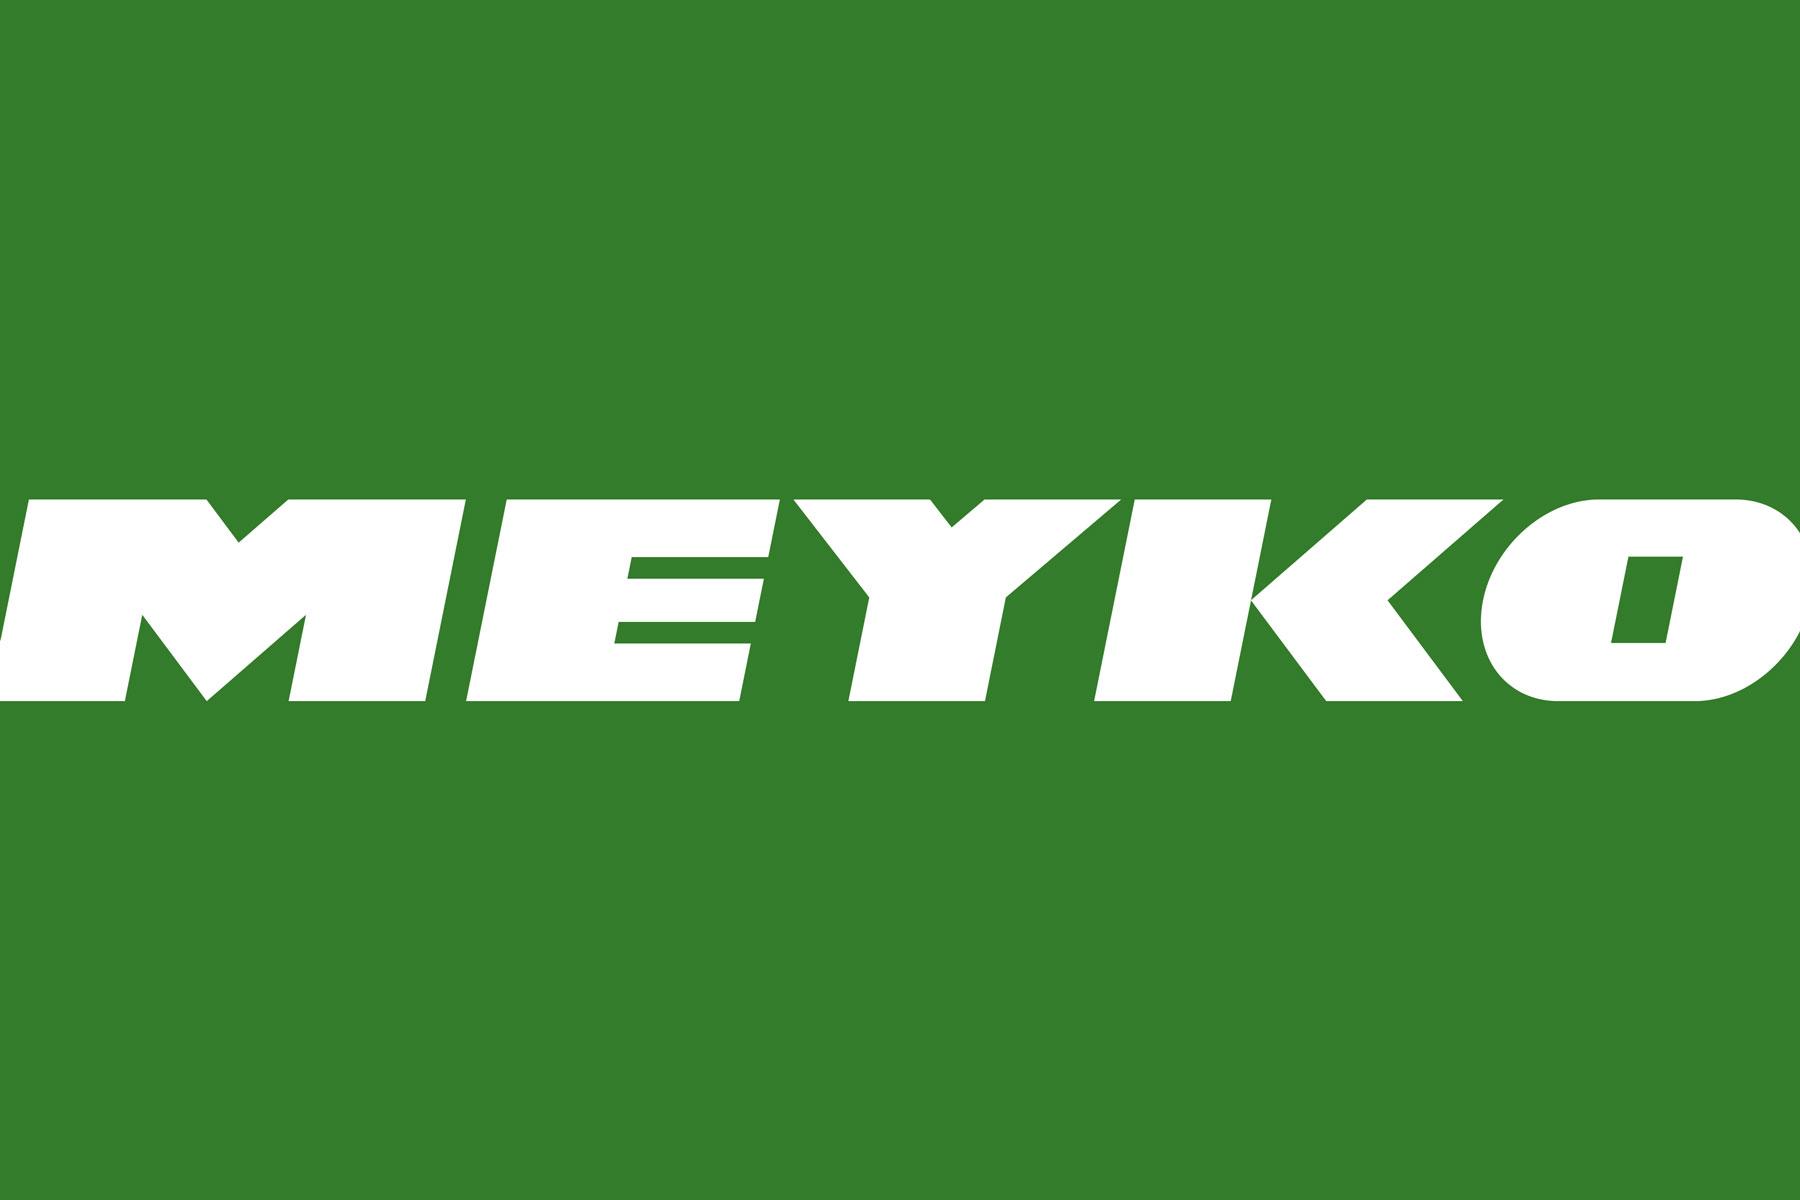 Man sieht die Wortmarke des Logos von Meyko, dem Spezialisten für Garten- und Kommunaltechnik. Das Corporate Design stammt von MAJORMAJOR.